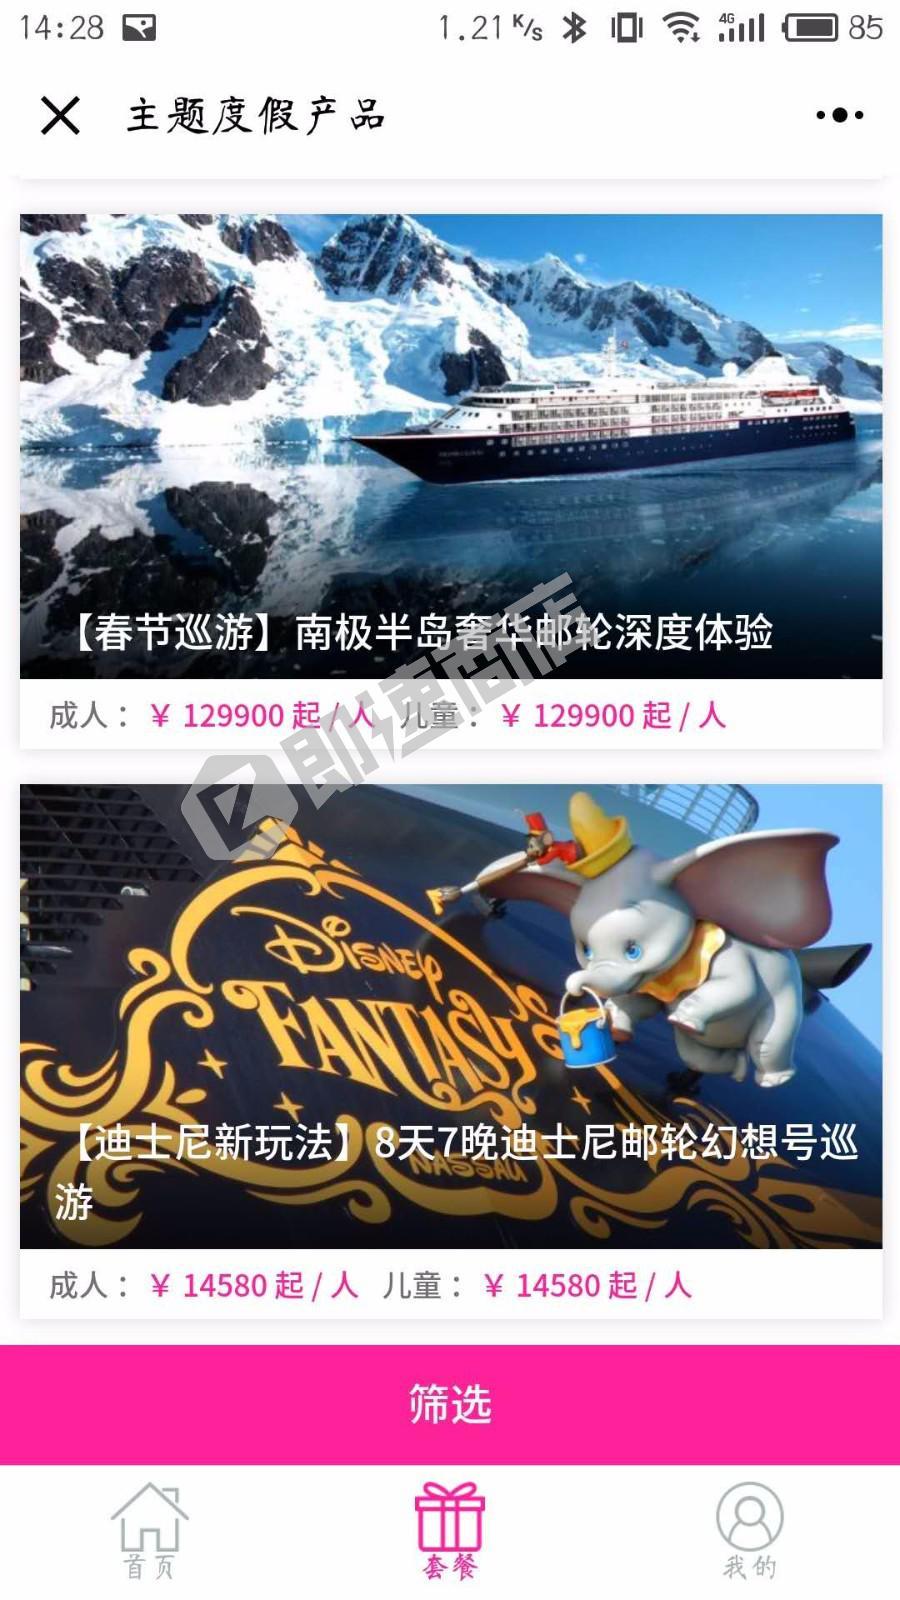 多米游高端别墅酒店主题度假定制小程序详情页截图